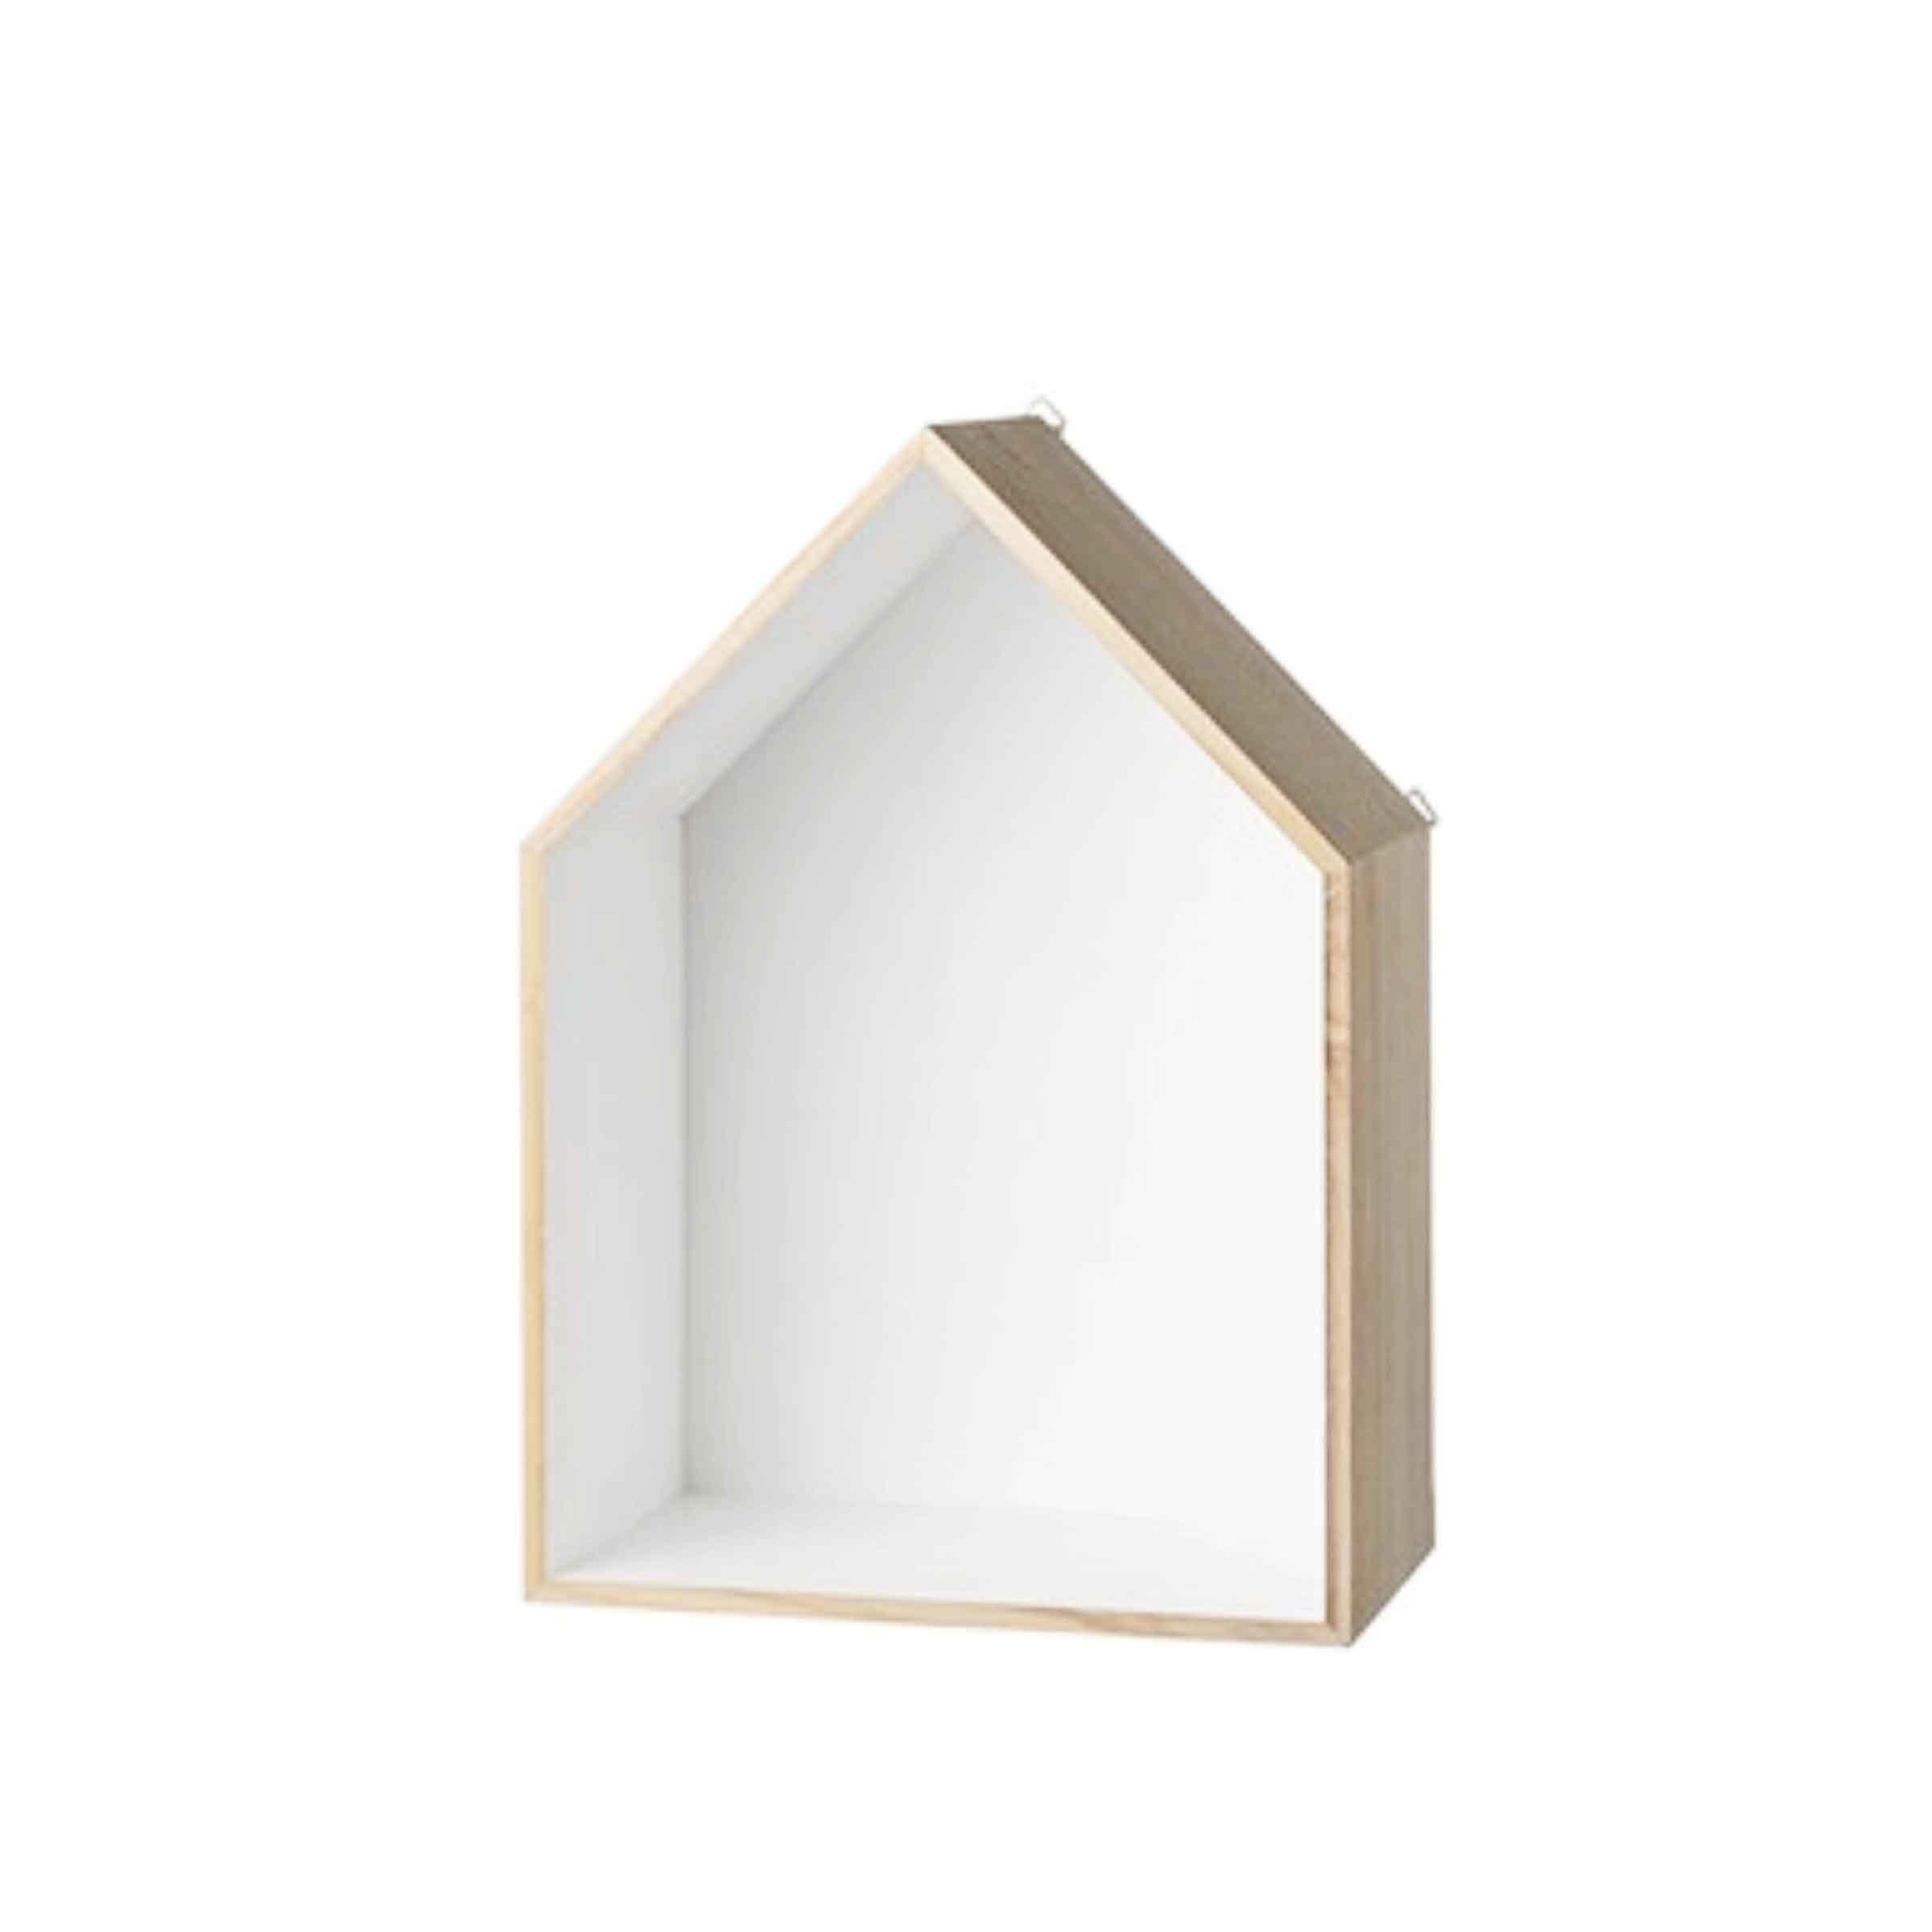 Etag re en bois en forme de maison for Astuce pour decorer sa maison